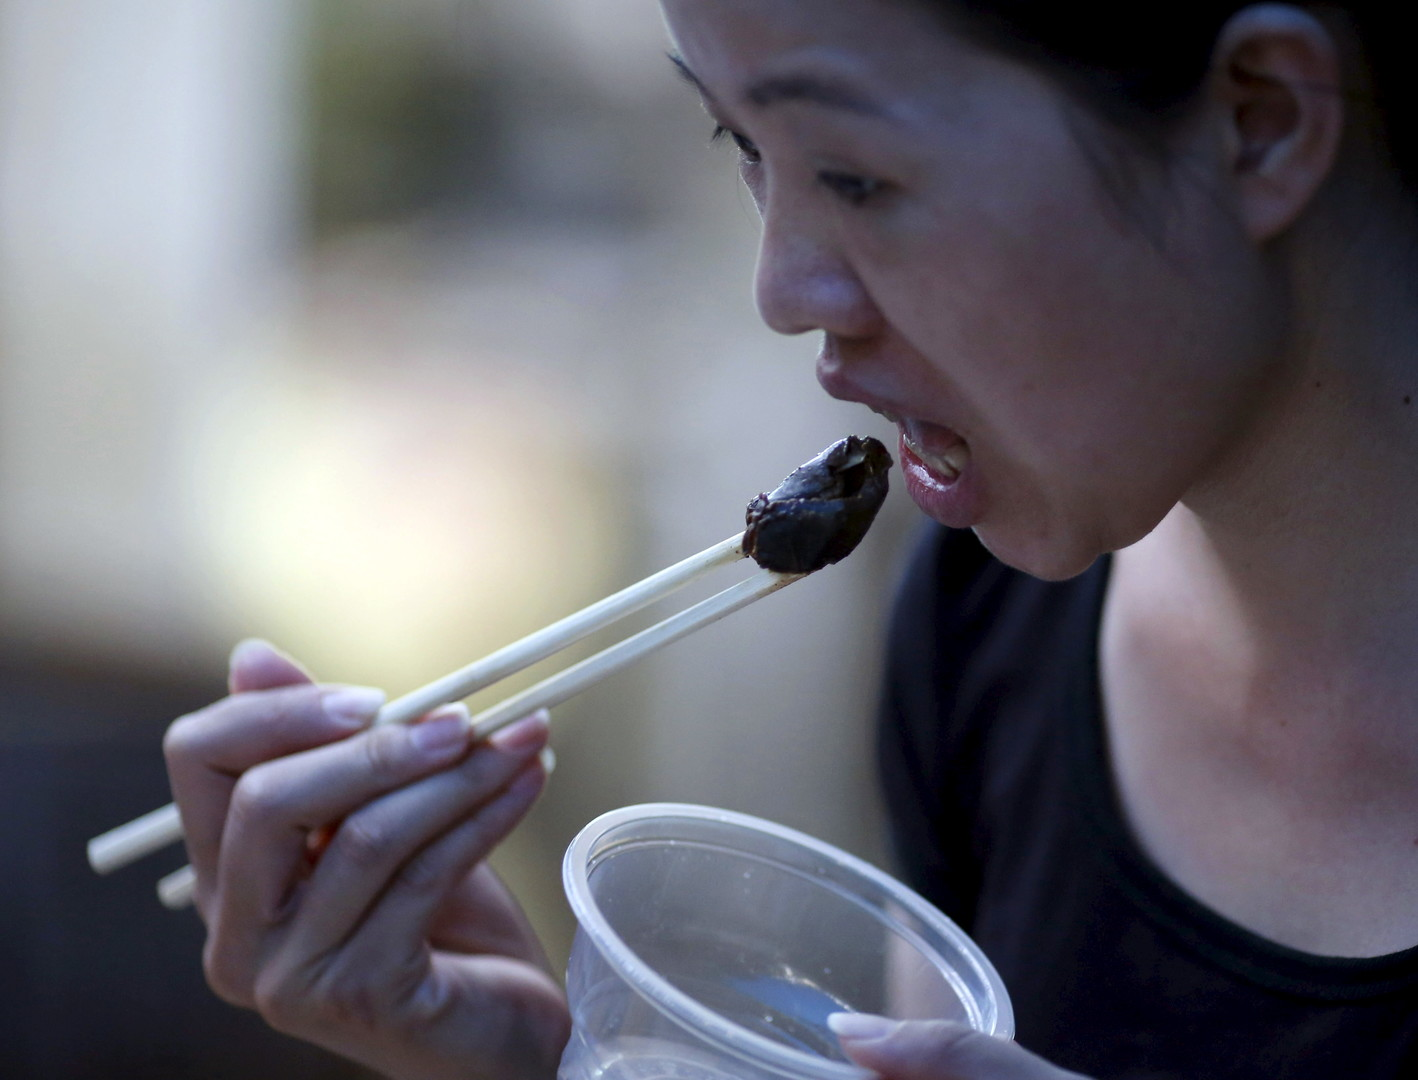 Eine Chinesin beim Hundeessen in Yulin: Jedes Jahr im Juni findet hier ein lokales Festival statt, bei dem Hundefleisch mit Litchi angeboten wird.